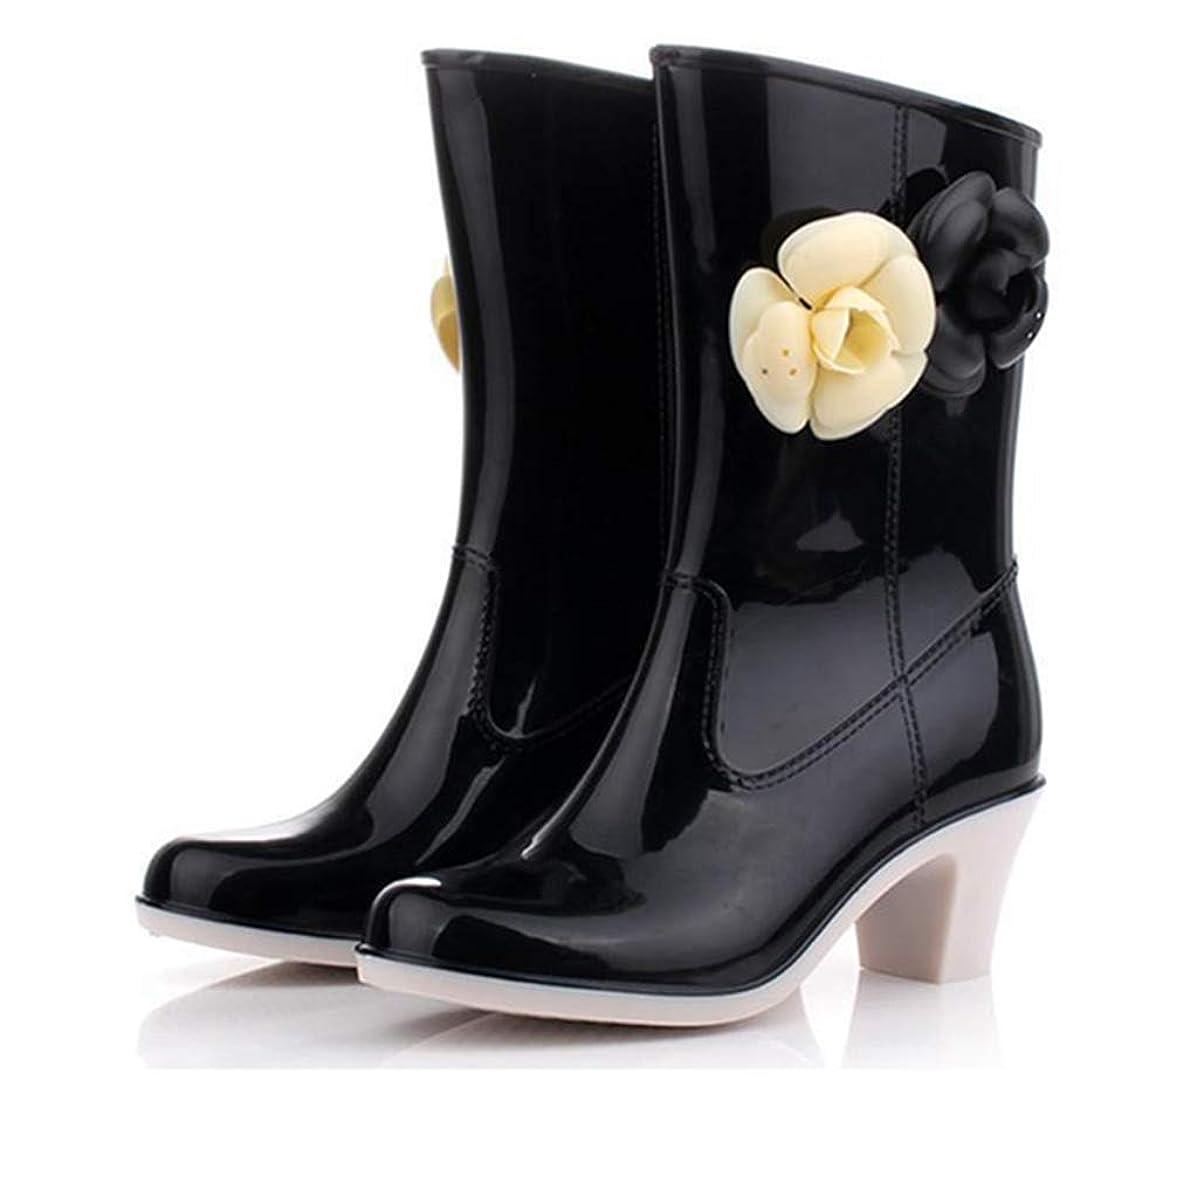 体操飼料雑多な[OceanMap] レインブーツ レディース ロング 美脚 可愛い 長靴 防寒 軽量 防水 防滑 雨靴 大きいサイズ おしゃれ アウトドア 作業靴 ロングブーツ 婦人靴 ラバーブーツ 雪 雨 梅雨 雨靴 24.5cm 25cm